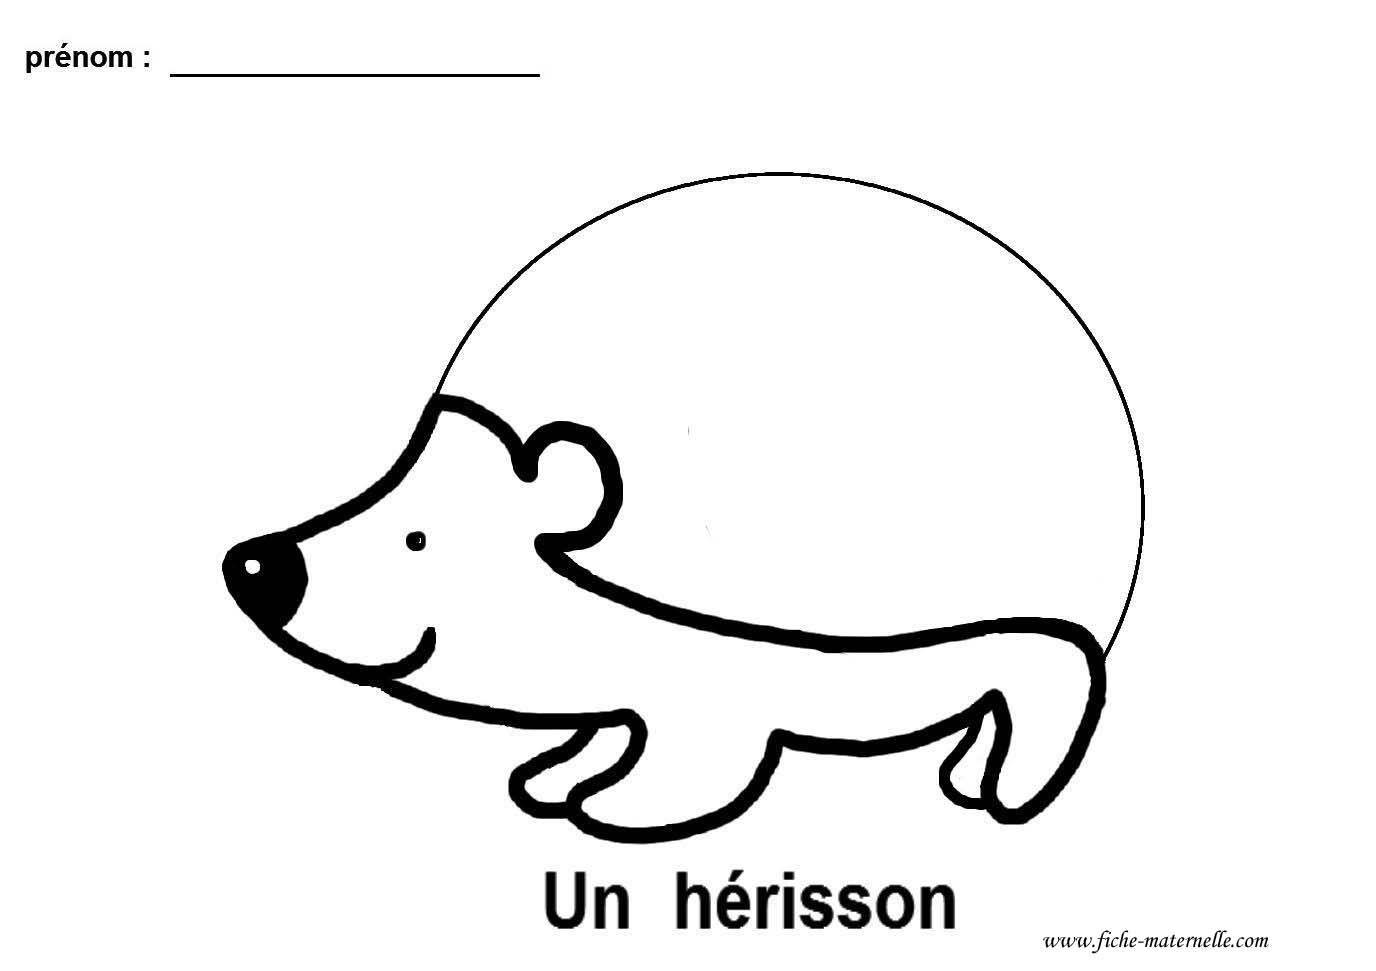 Graphisme gs et ms le herisson lignes bris es patterns and templates kal p ve ablonlar - Herisson dessin ...